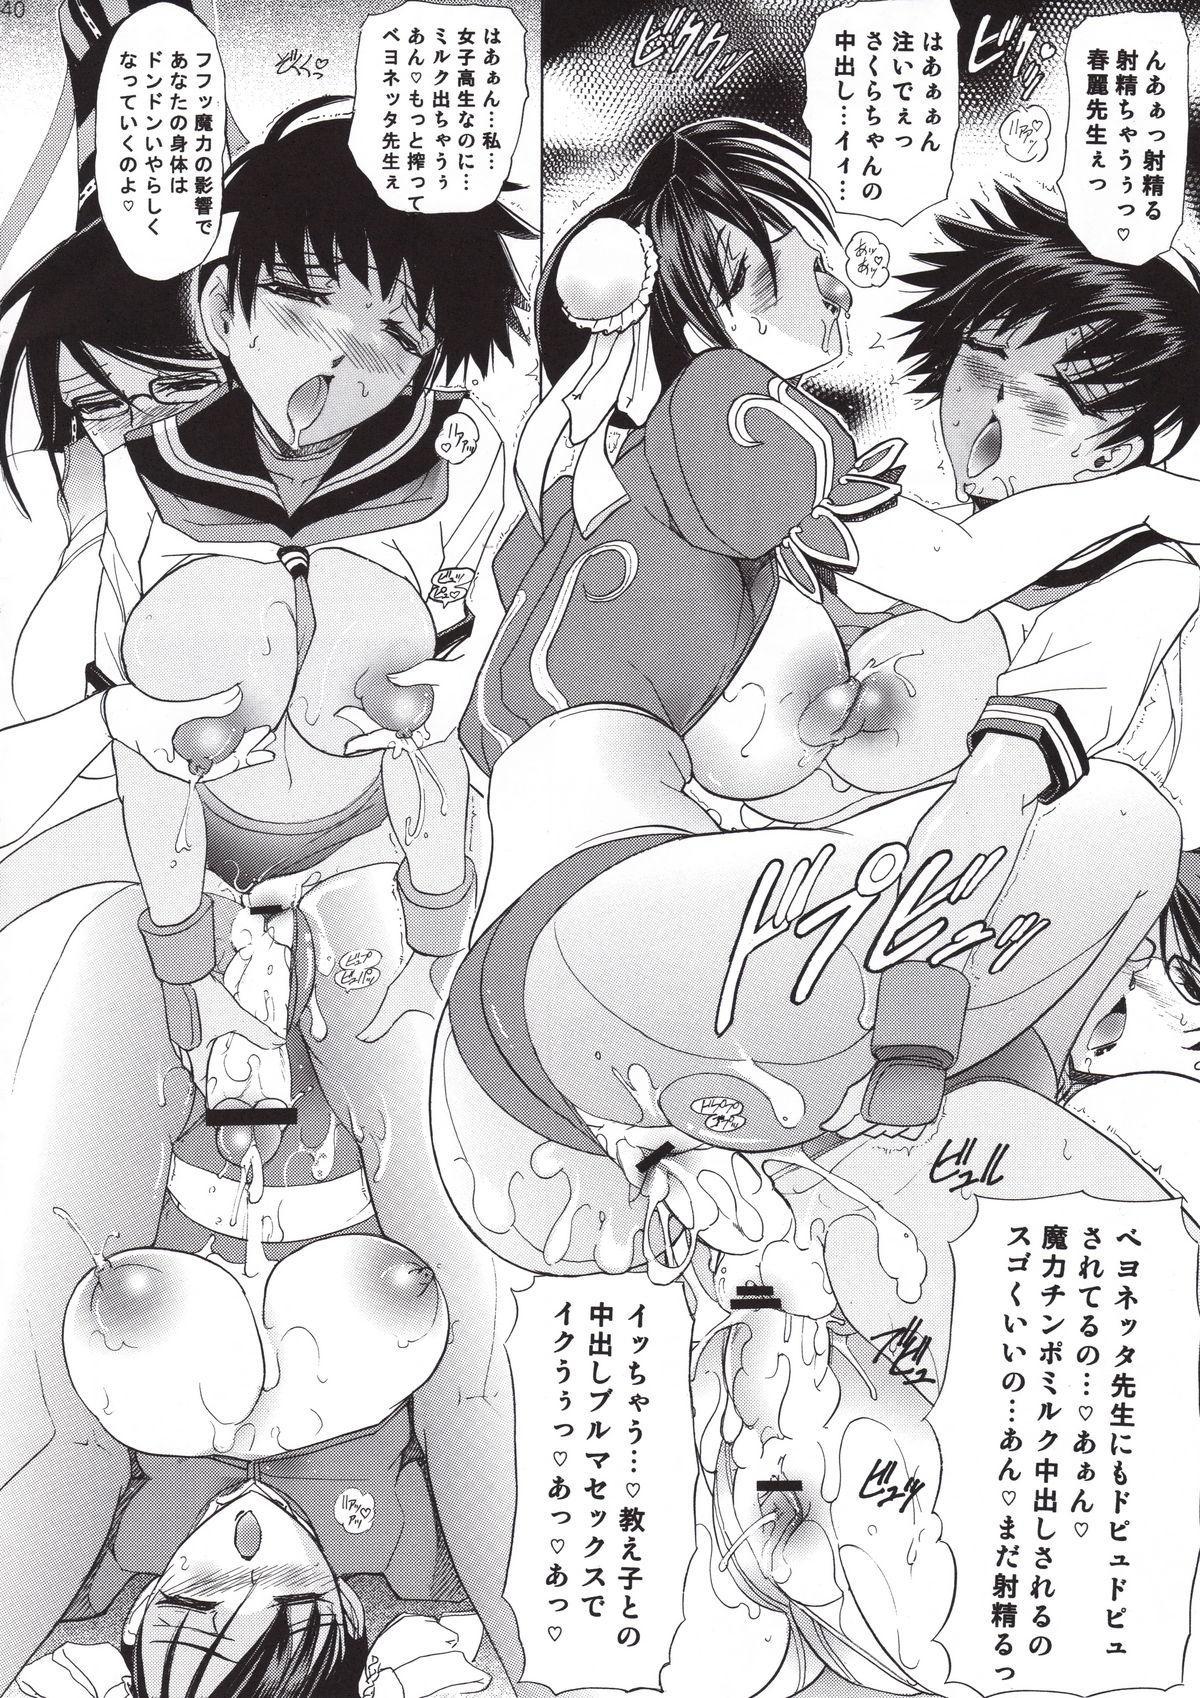 (C77) [Kawaraya Honpo (Kawaraya A-ta)] Hana - Maki no Juukyuu - Kuroki Hana (Bayonetta, Street Fighter, Darkstalkers) 39